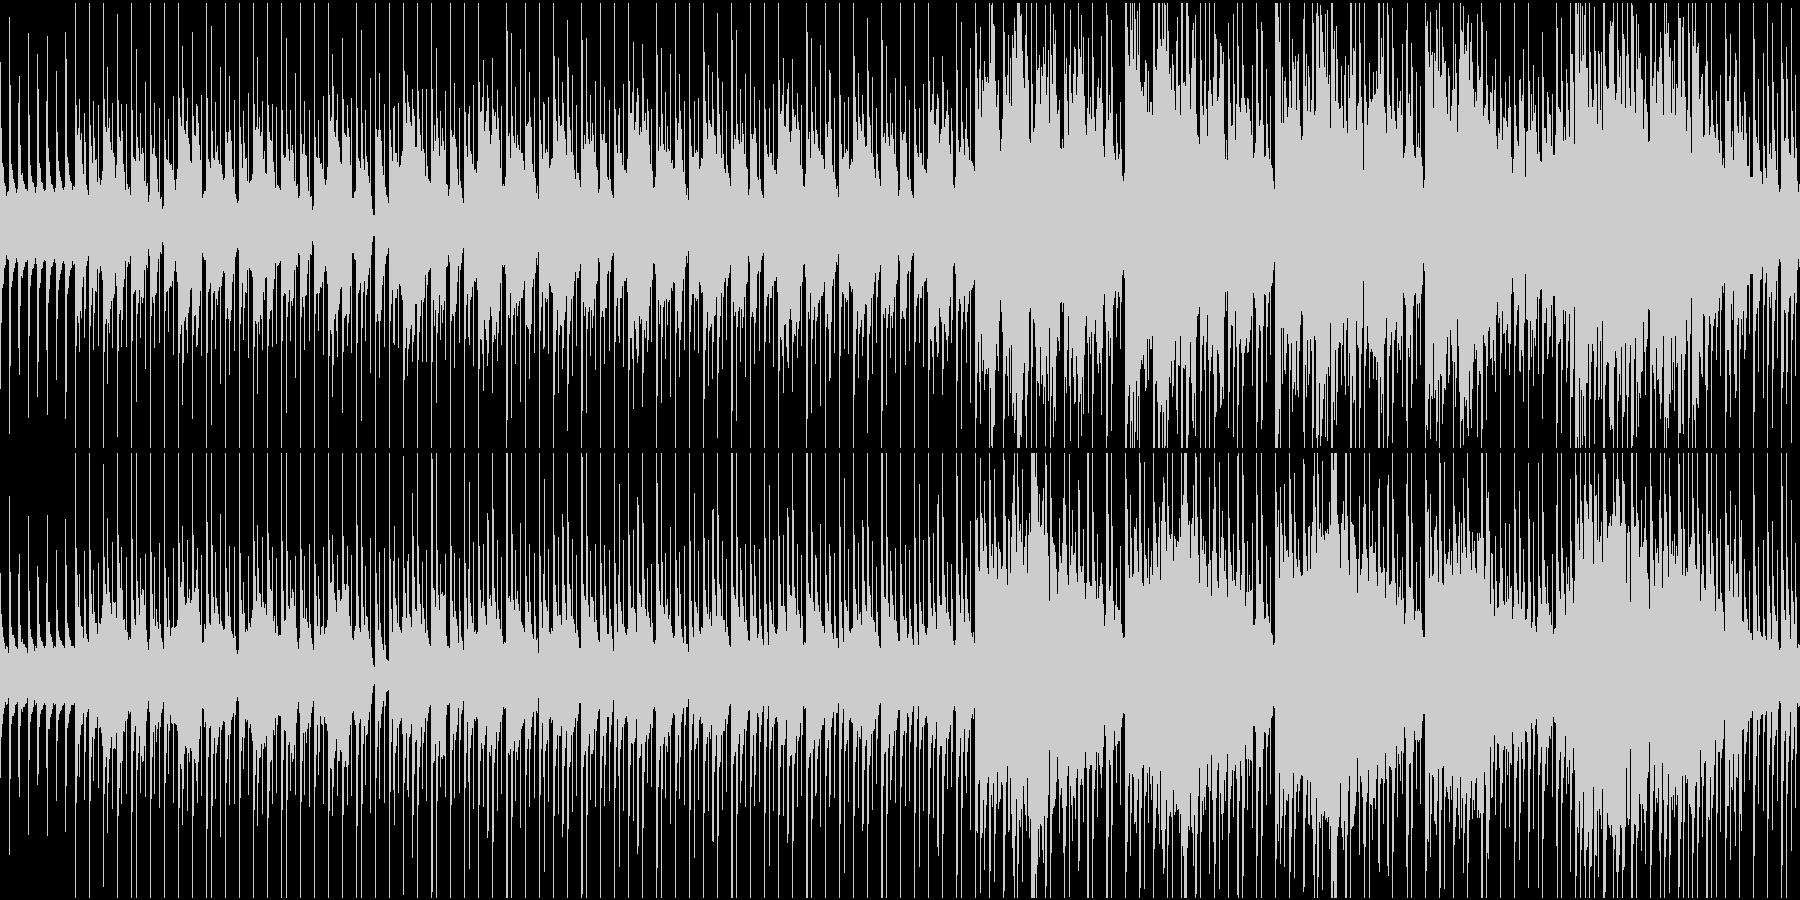 物悲しい雰囲気のスローテンポ和風曲ループの未再生の波形